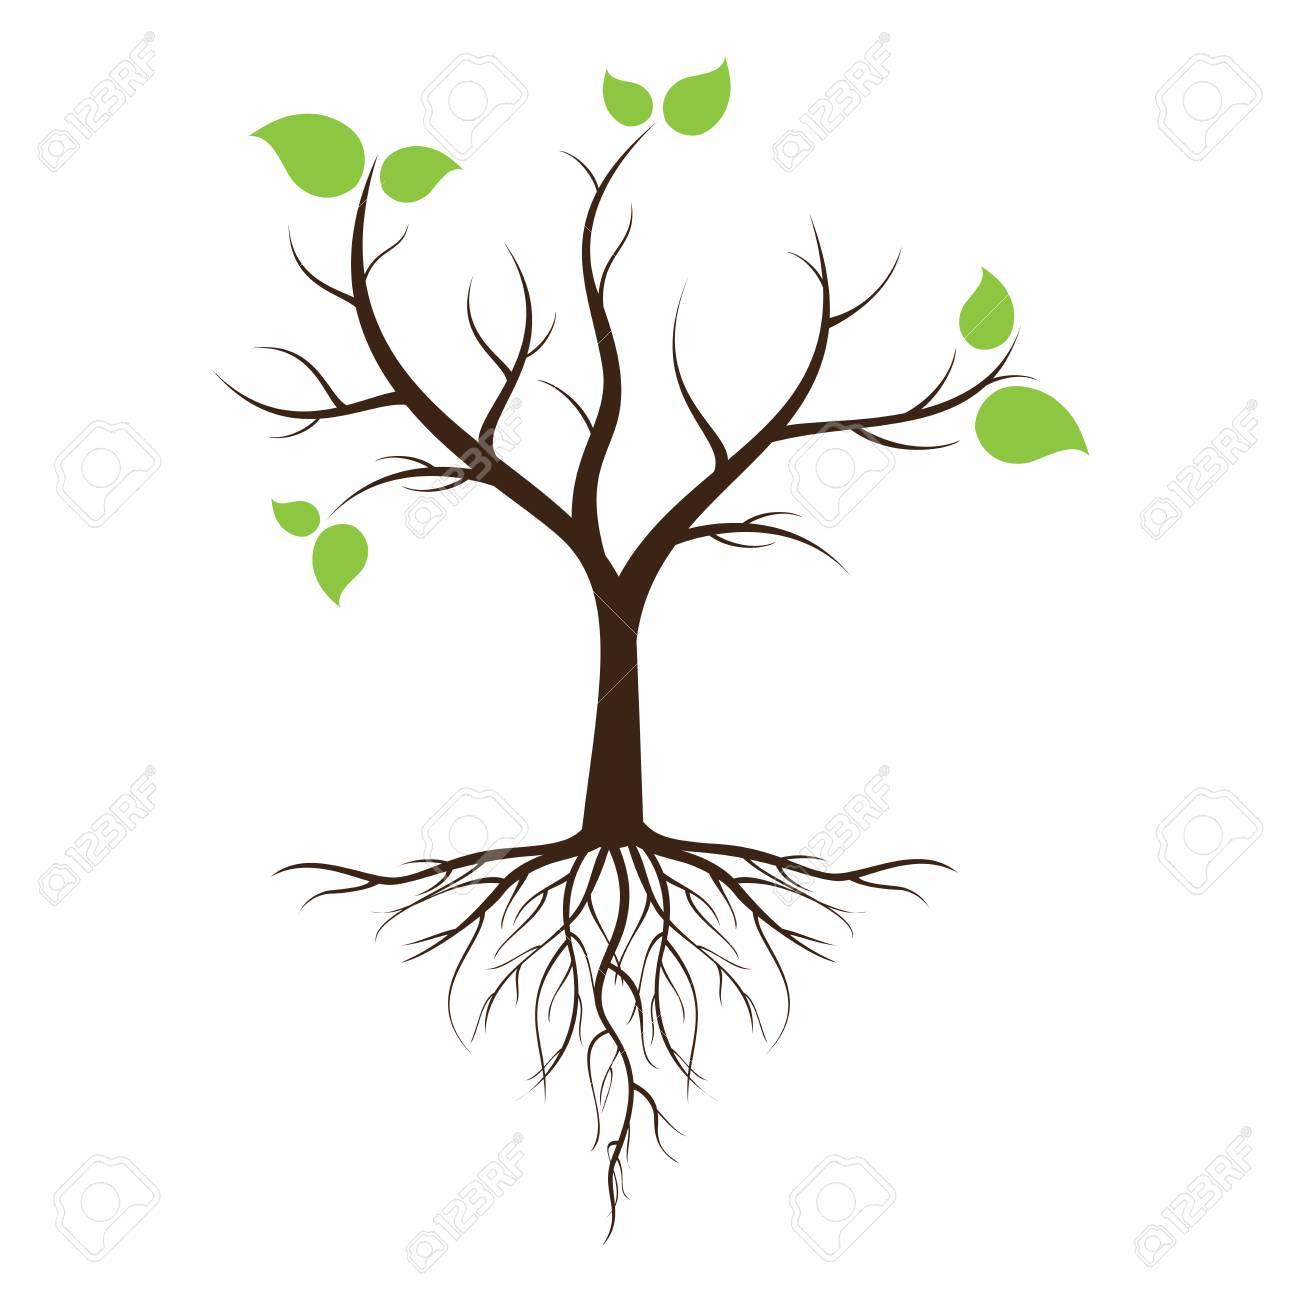 Arbre Avec Racine arbre à feuilles vertes avec des racines avec des arbres isolés sur